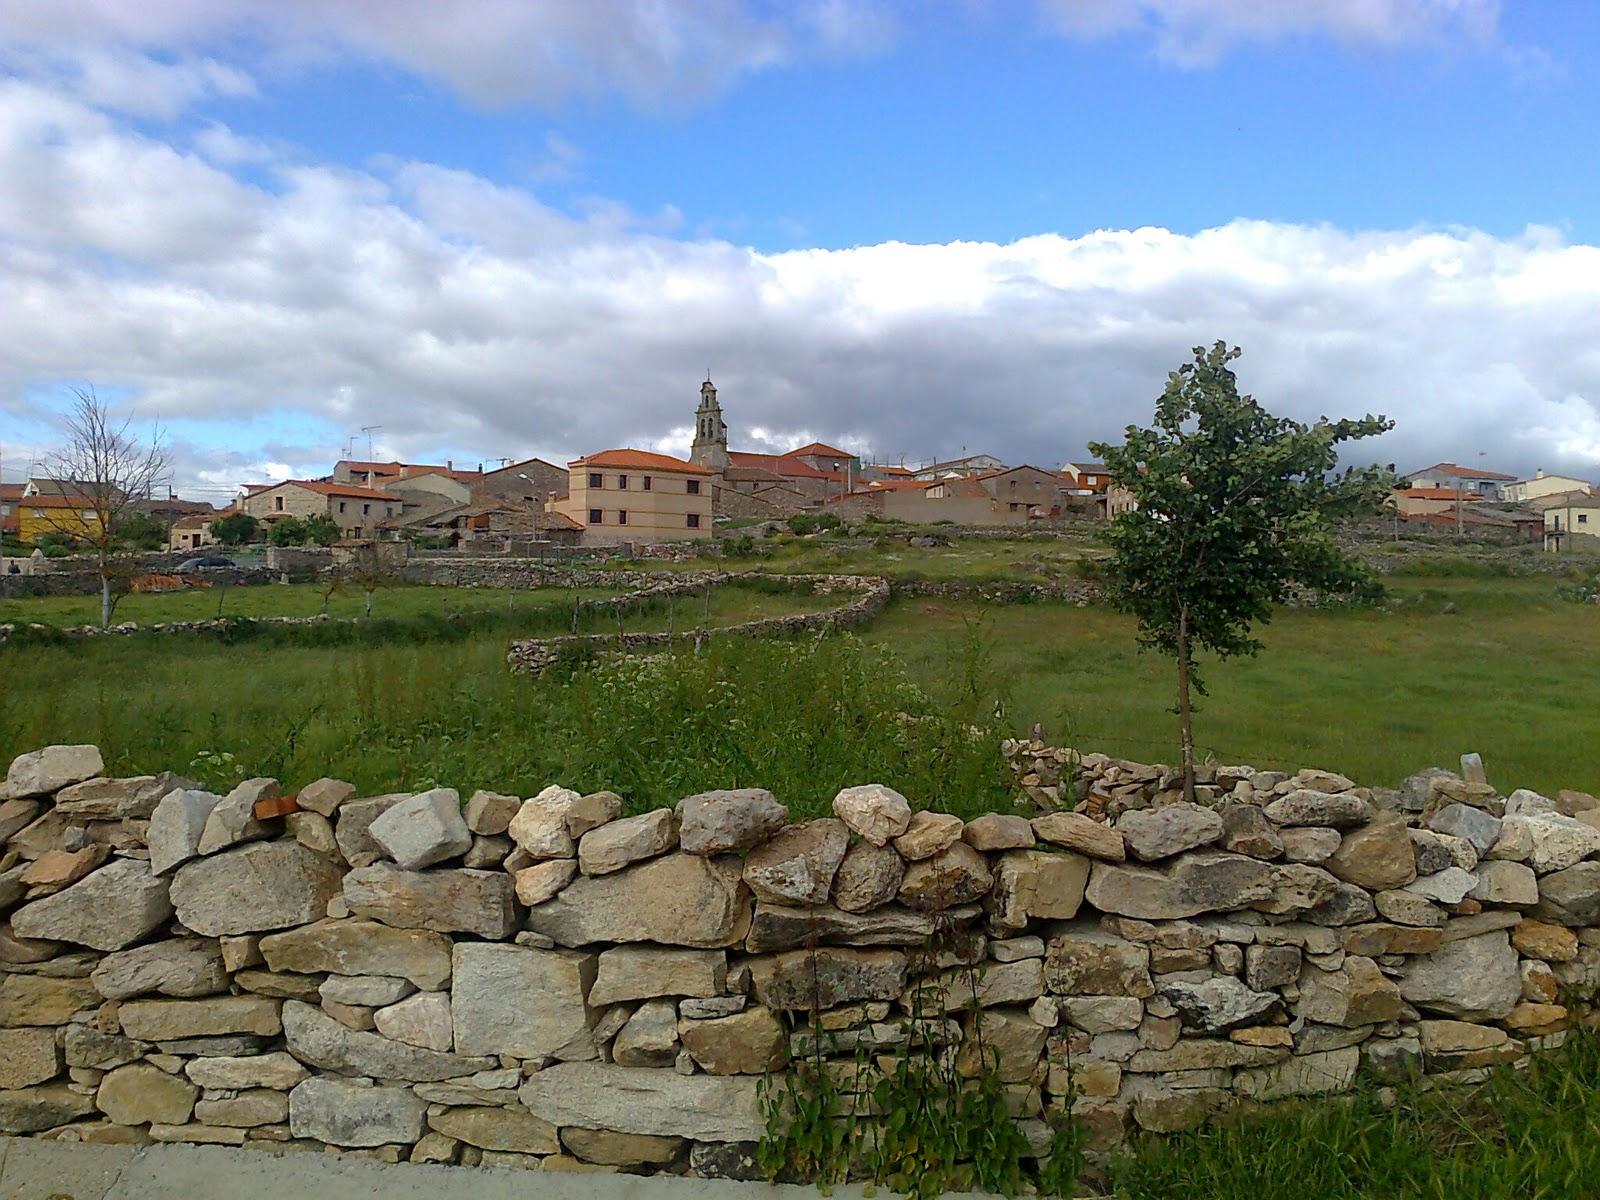 Turismo de interior en verano casa rural el ciruelo rojo villaseco del pan zamora - Requisitos para montar una casa rural ...